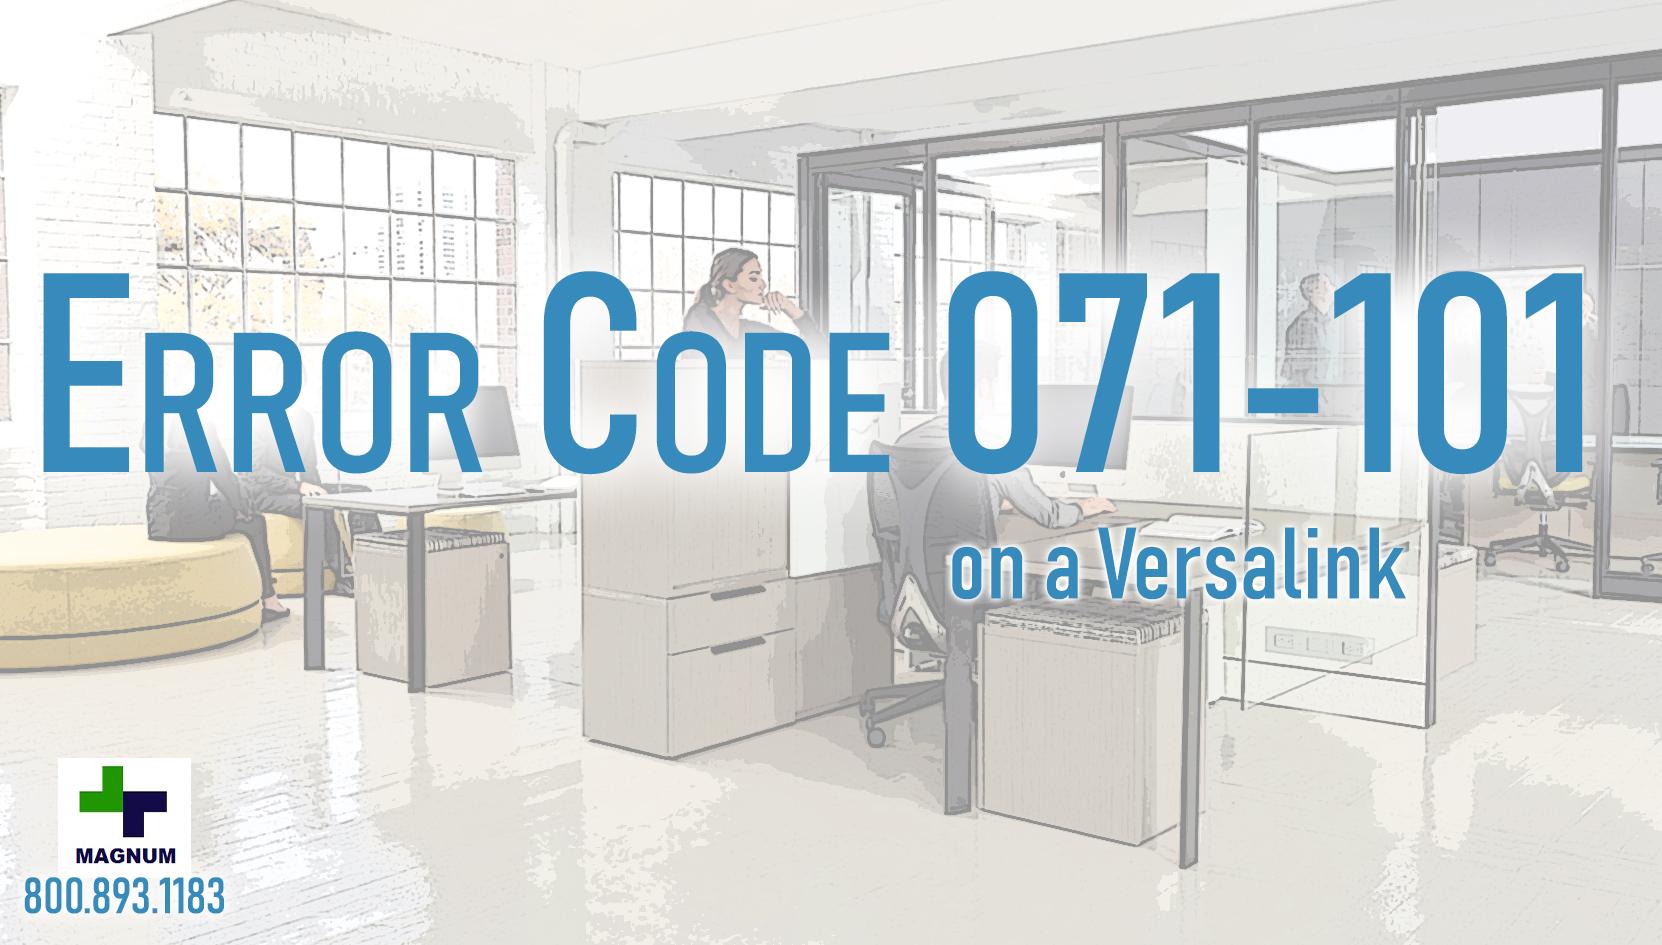 Xerox Versalink C405 – Error Code – 071-101